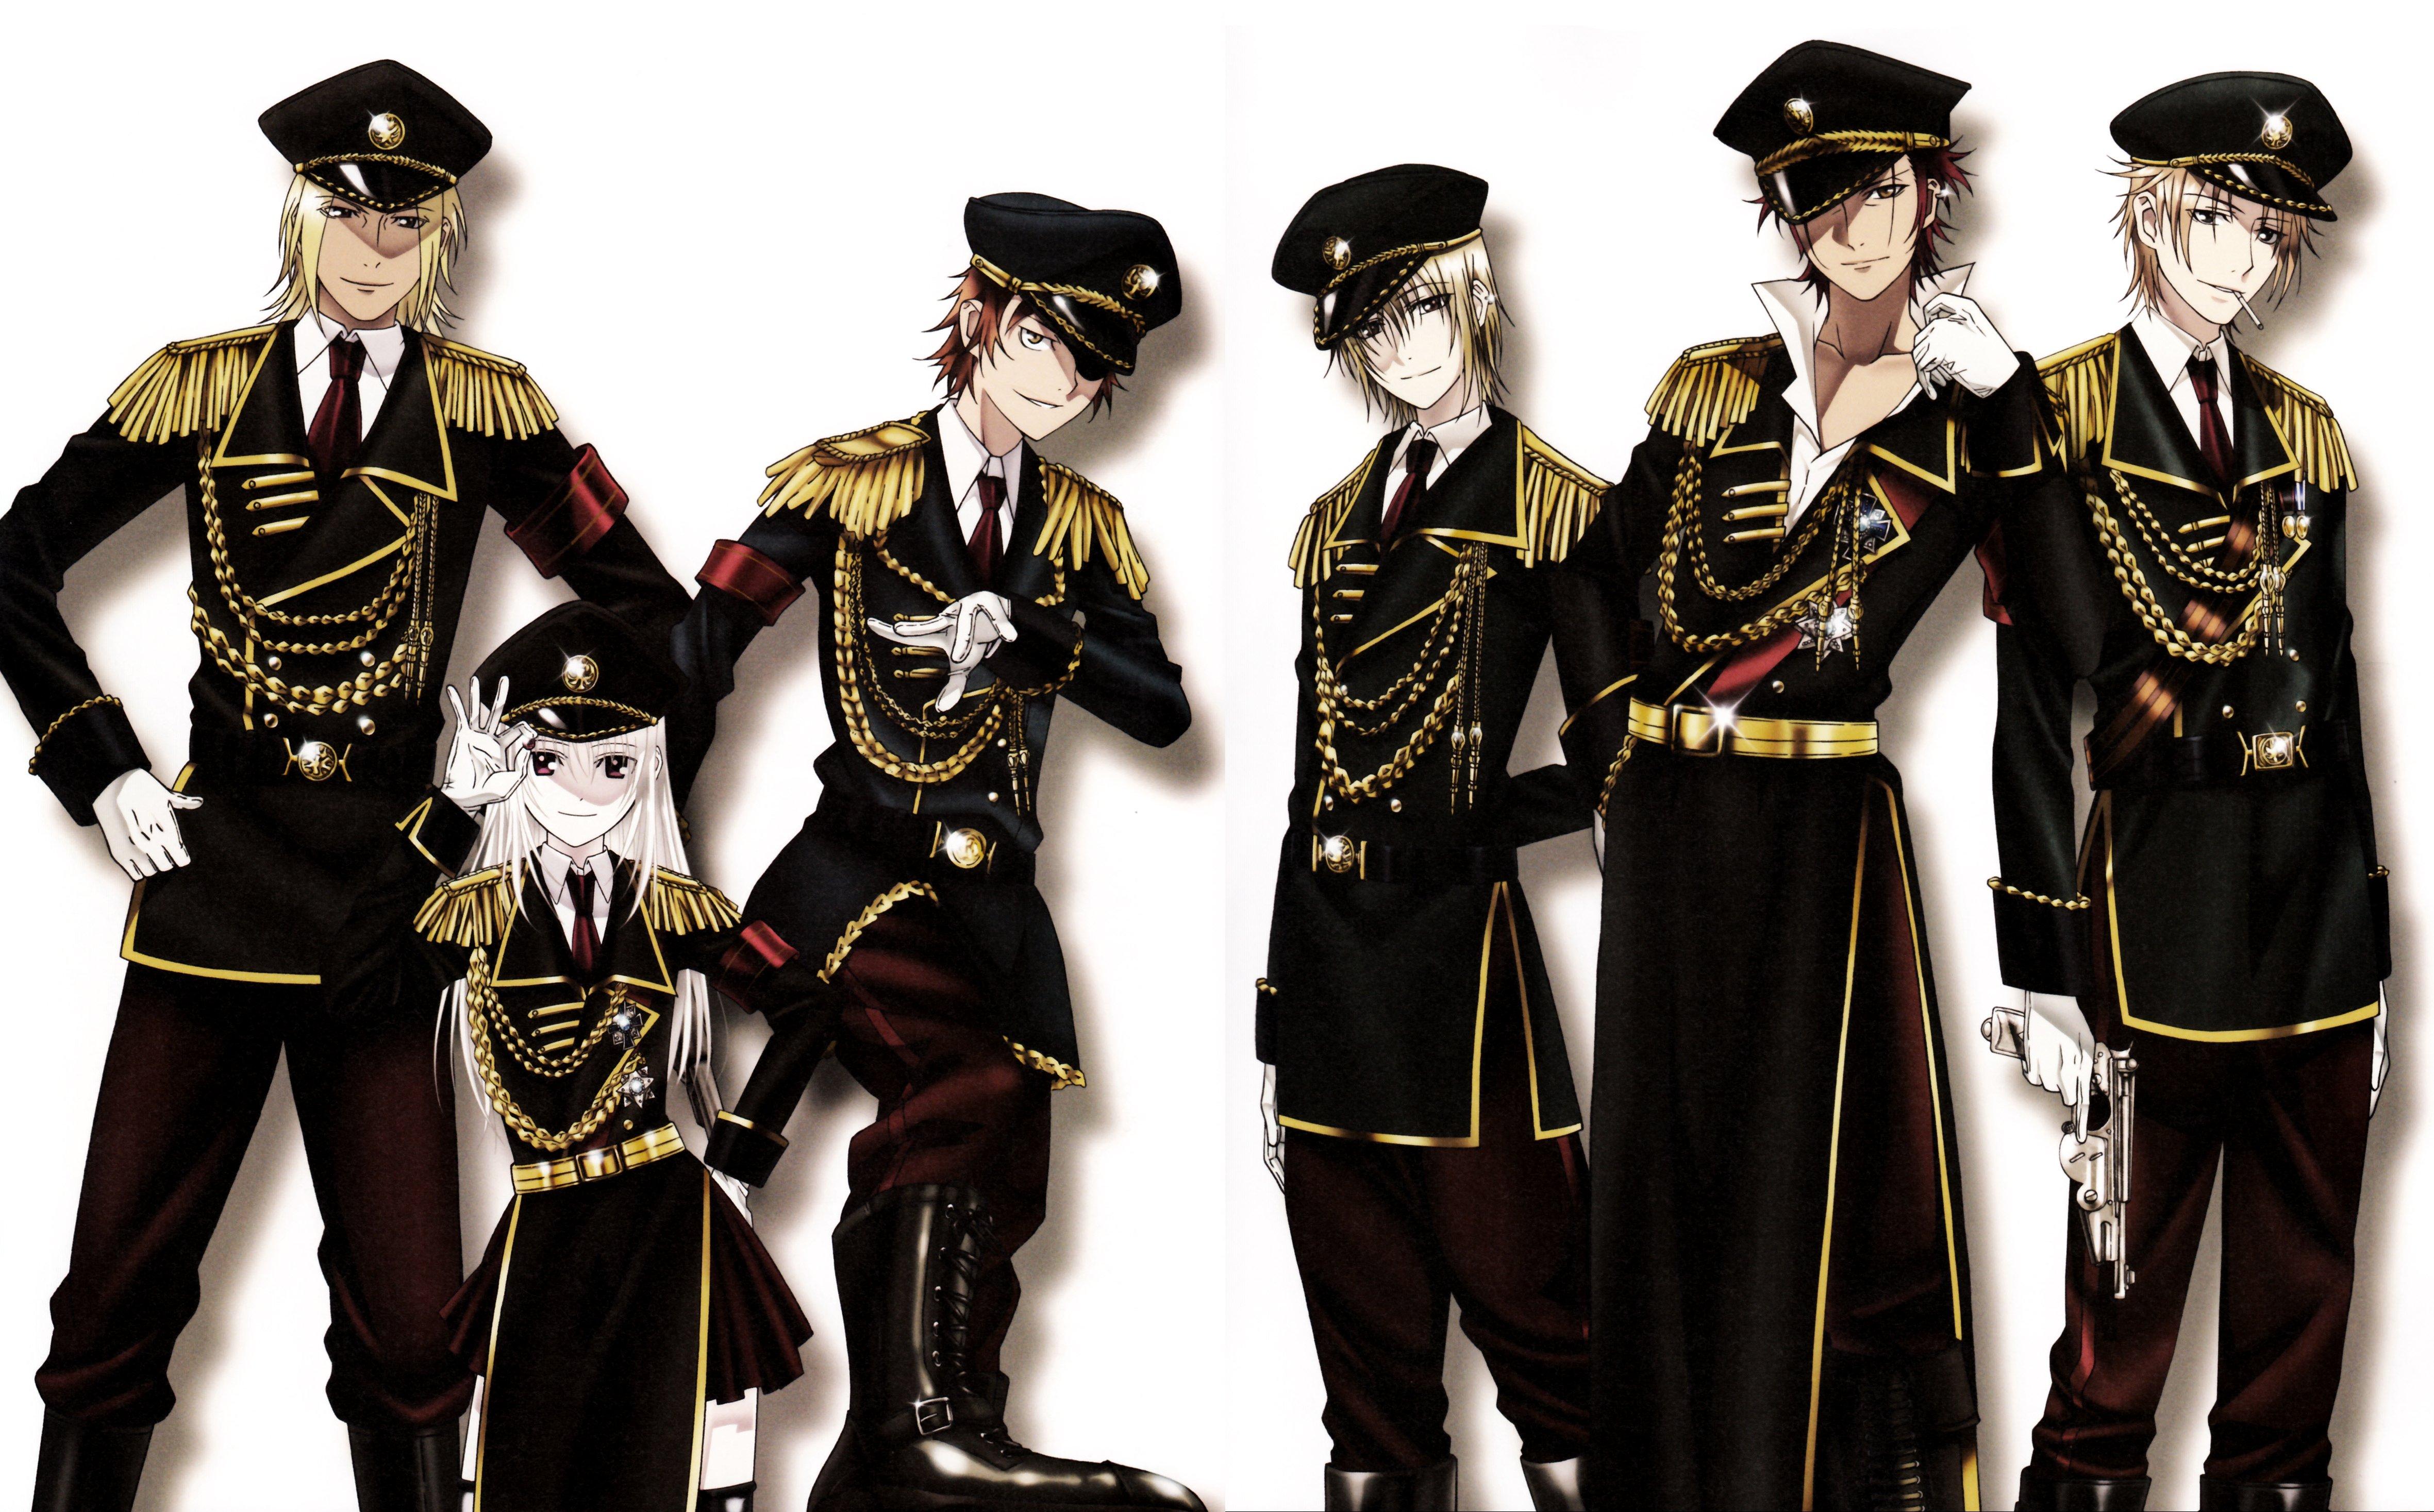 K Anime Characters Anna : K project yata misaki suoh mikoto kamamoto rikio kushina